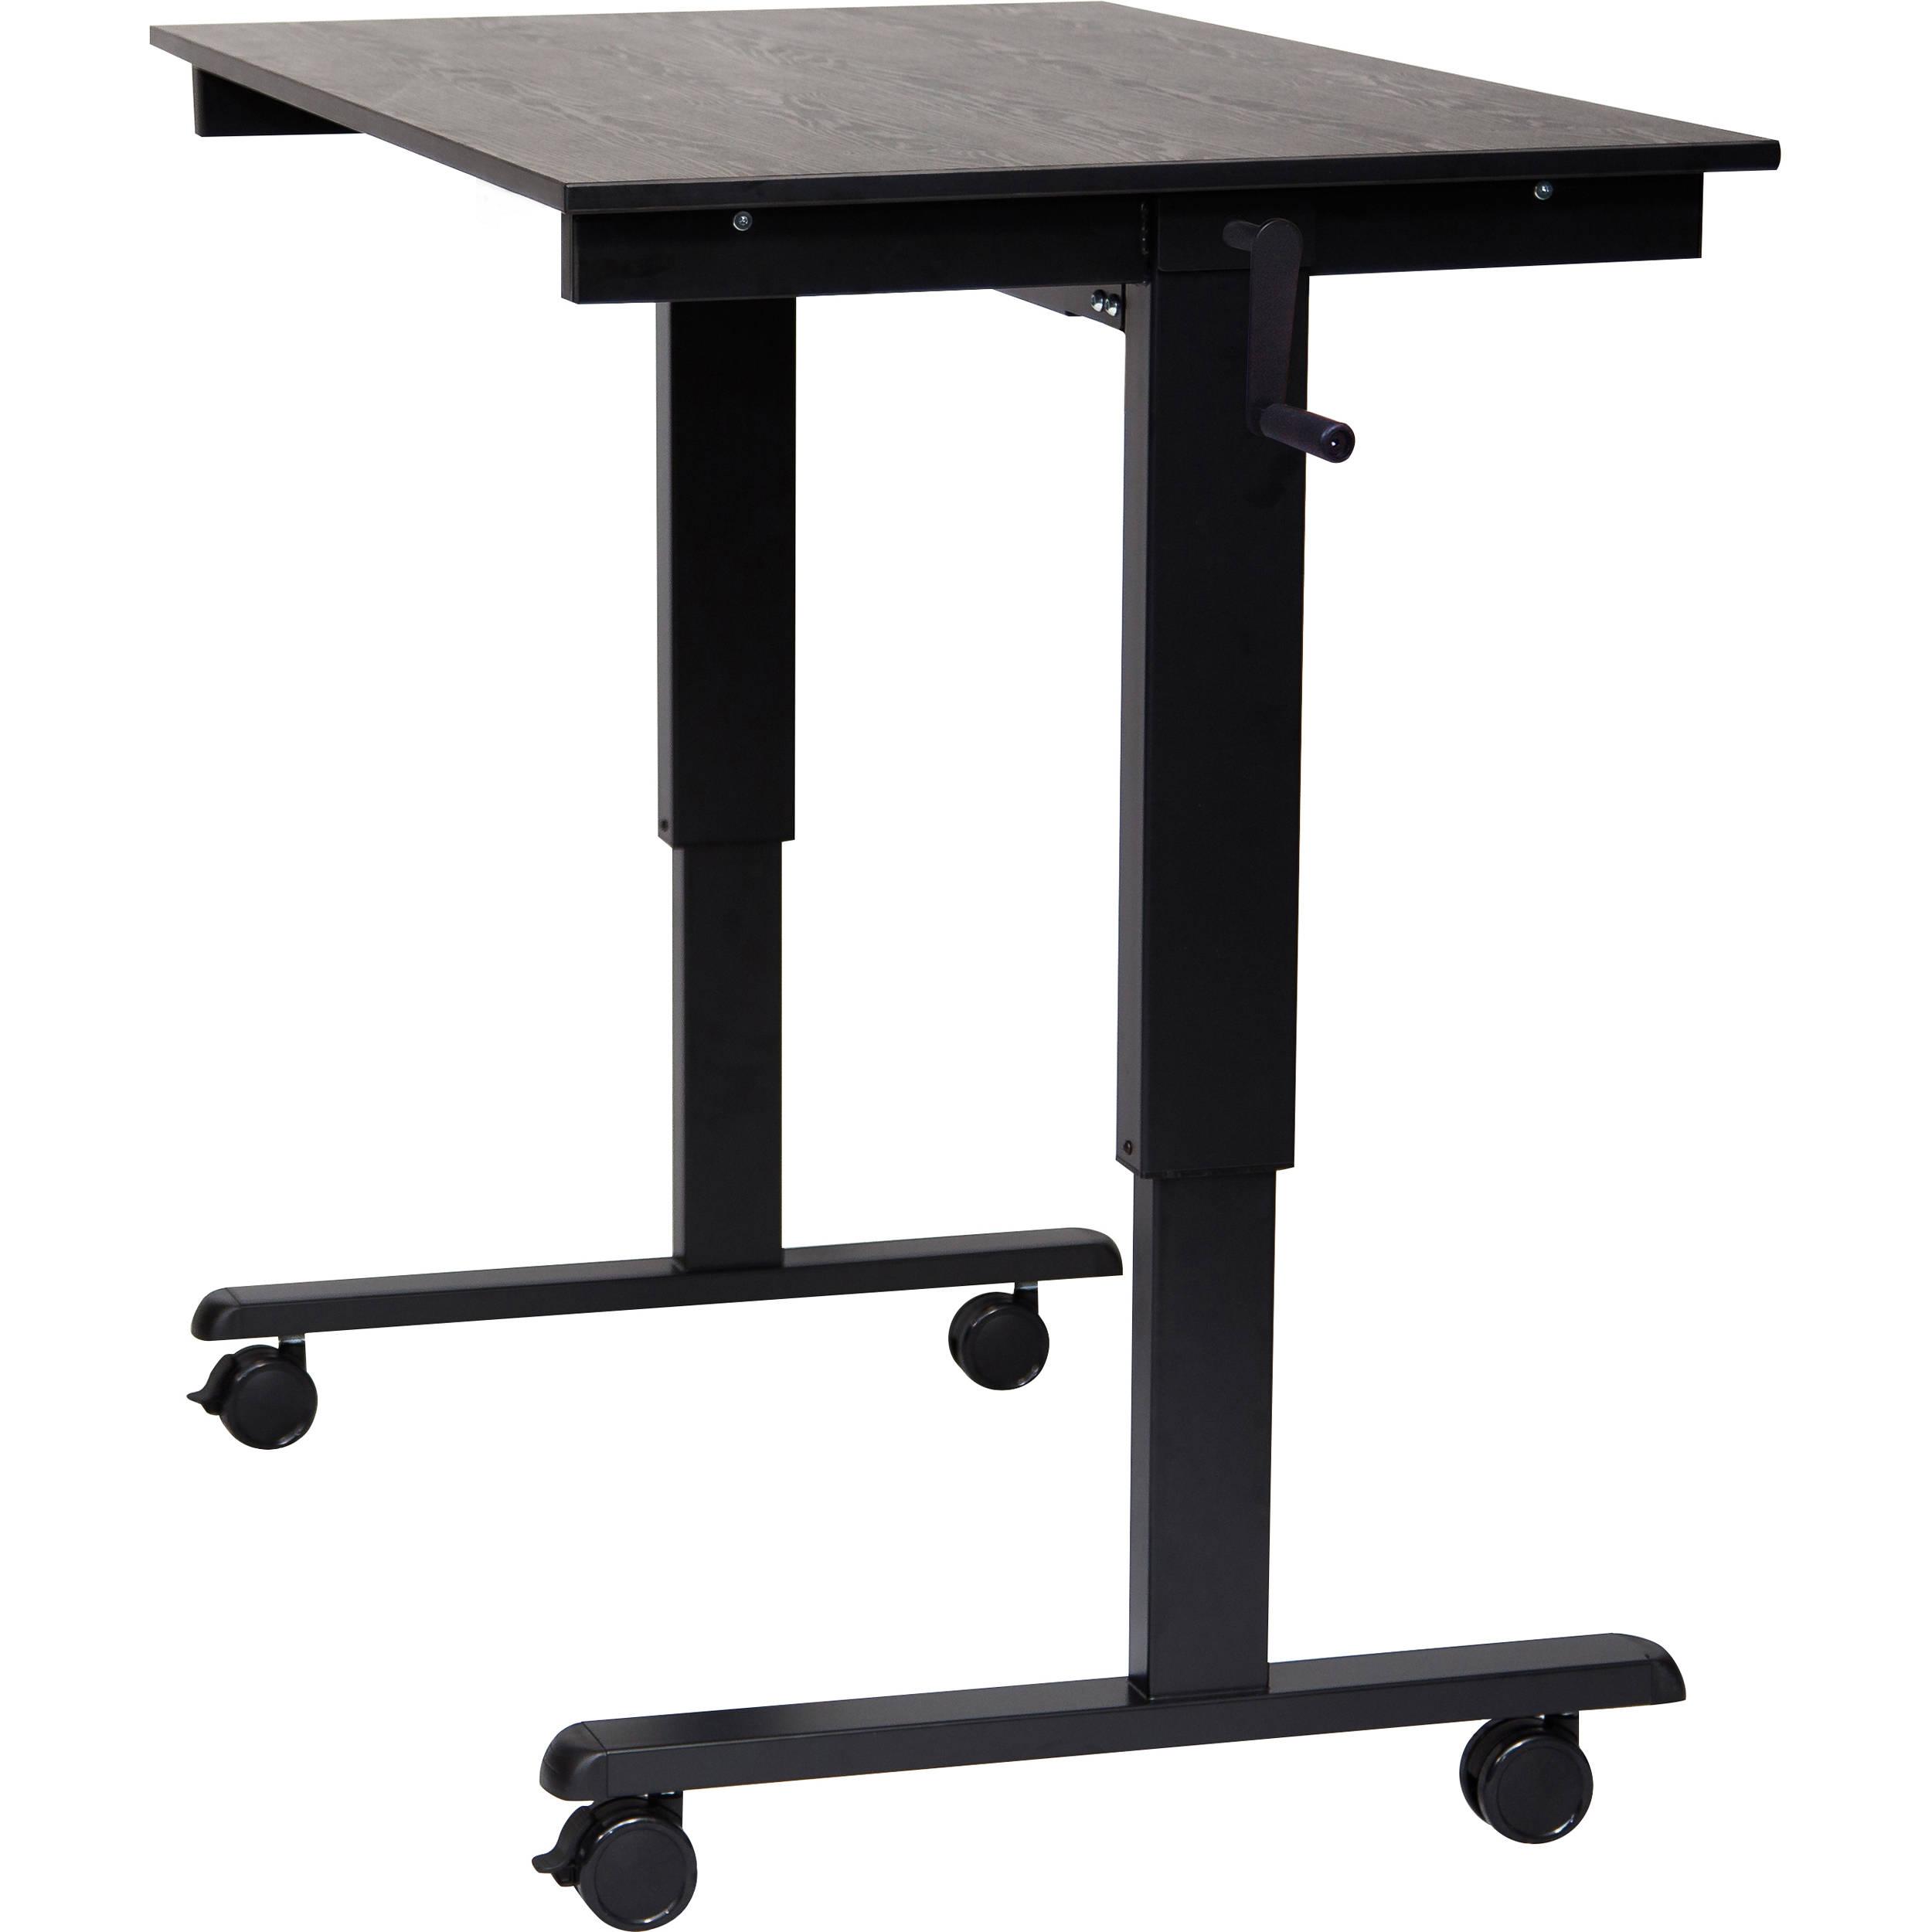 Adjustable Stand Up Desk >> Luxor 48 Crank Adjustable Stand Up Desk